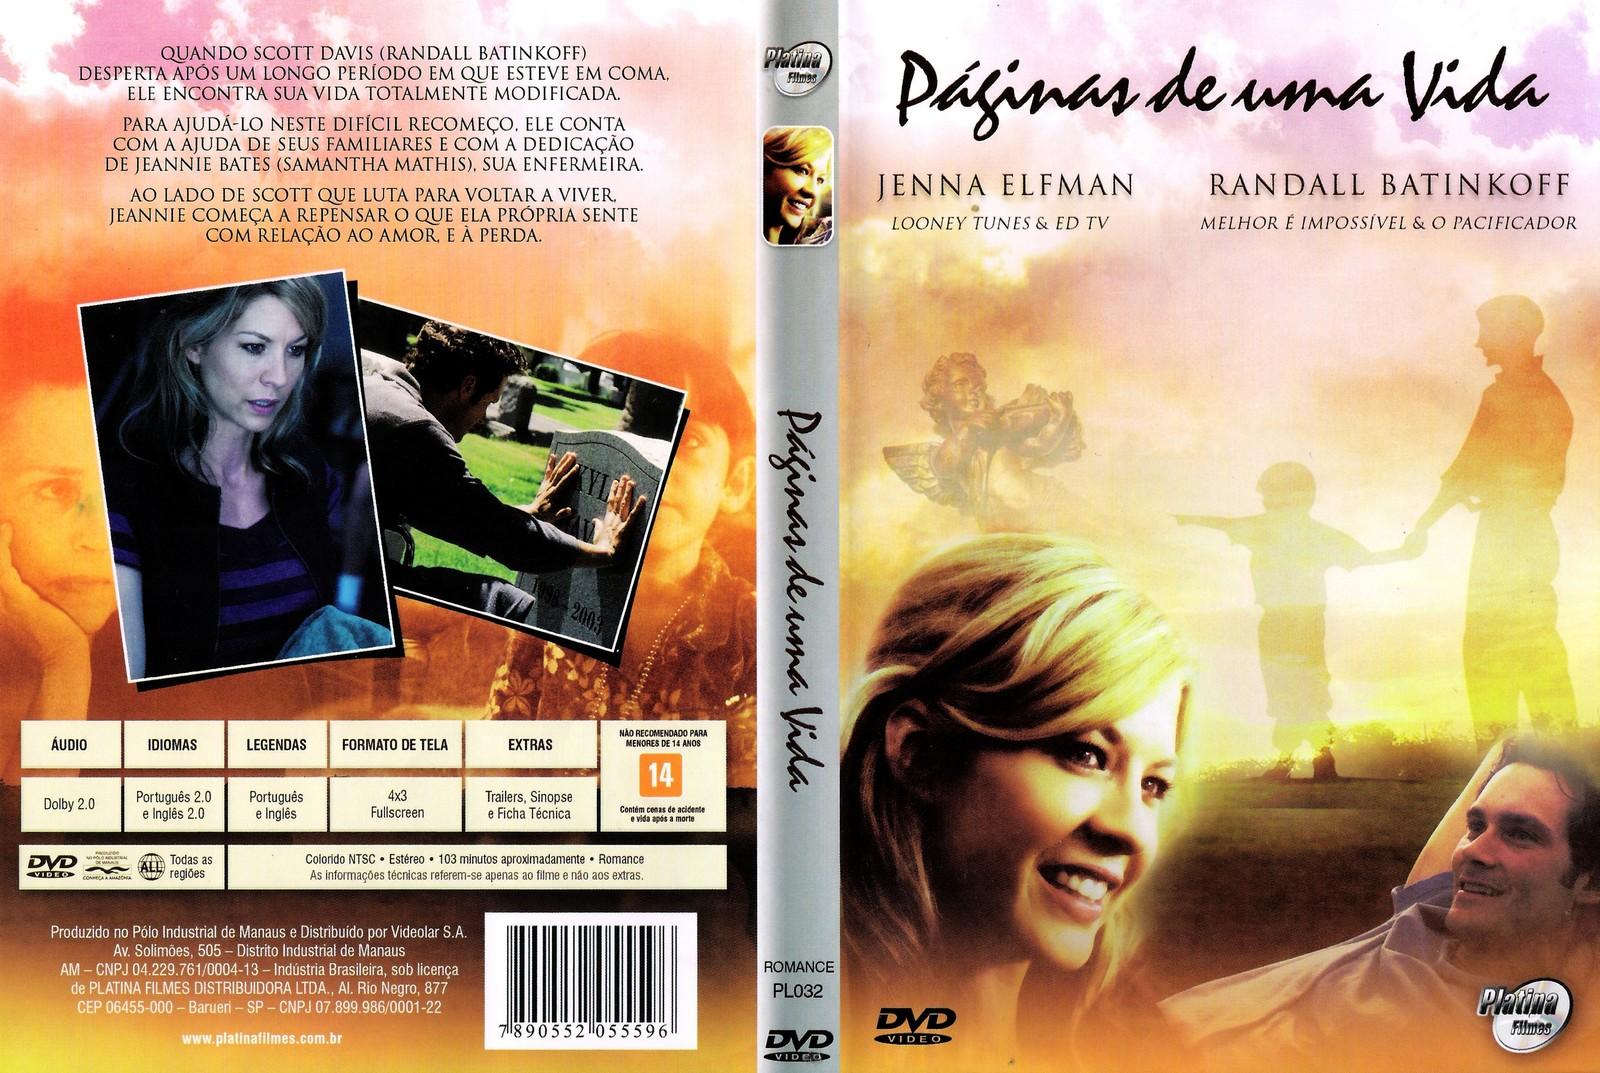 FILME ONLINE PÁGINAS DE UMA VIDA